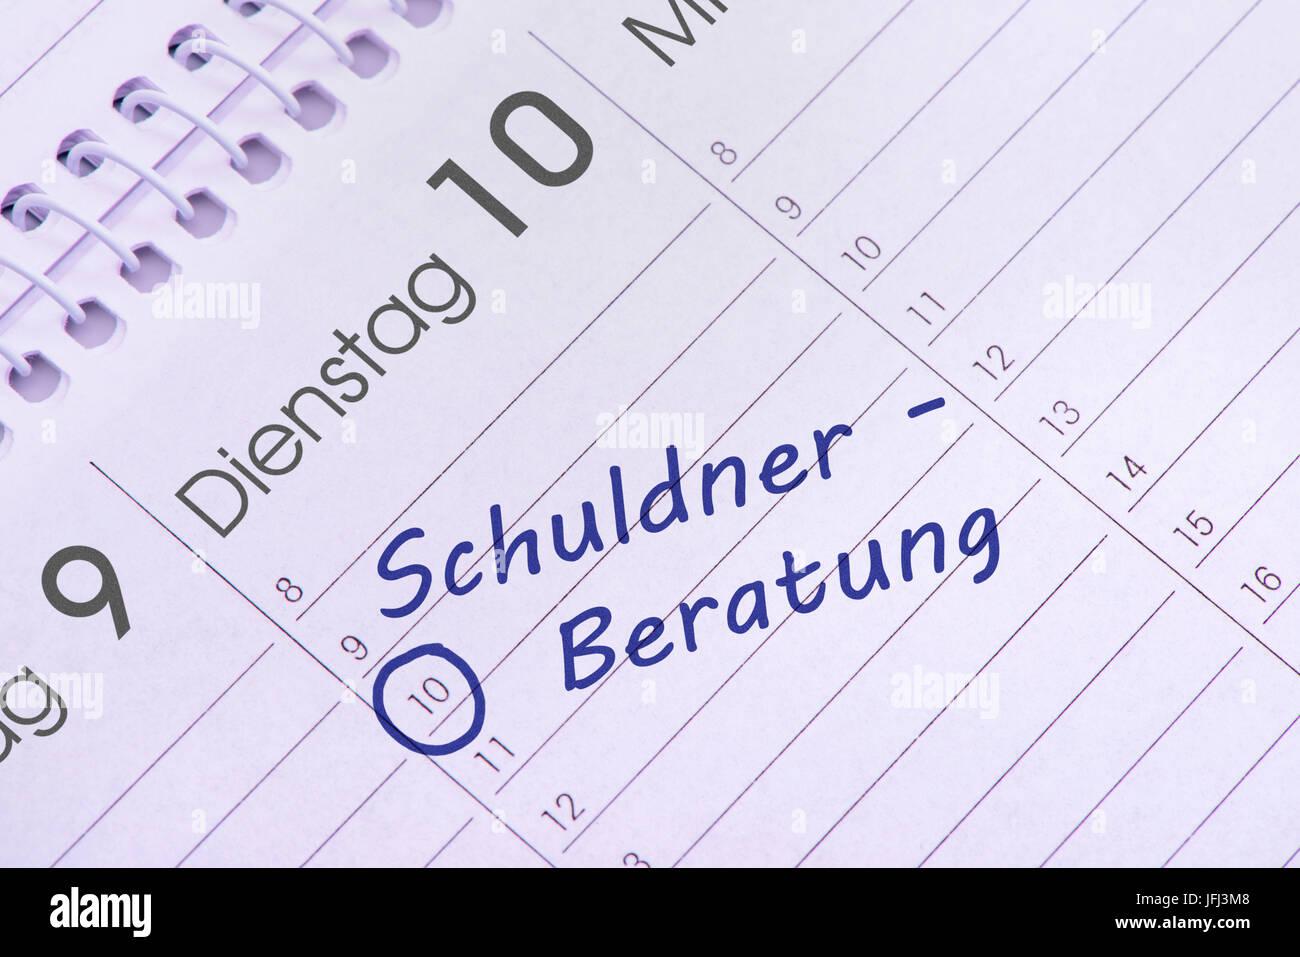 debt advice service date in the calendar - Stock Image